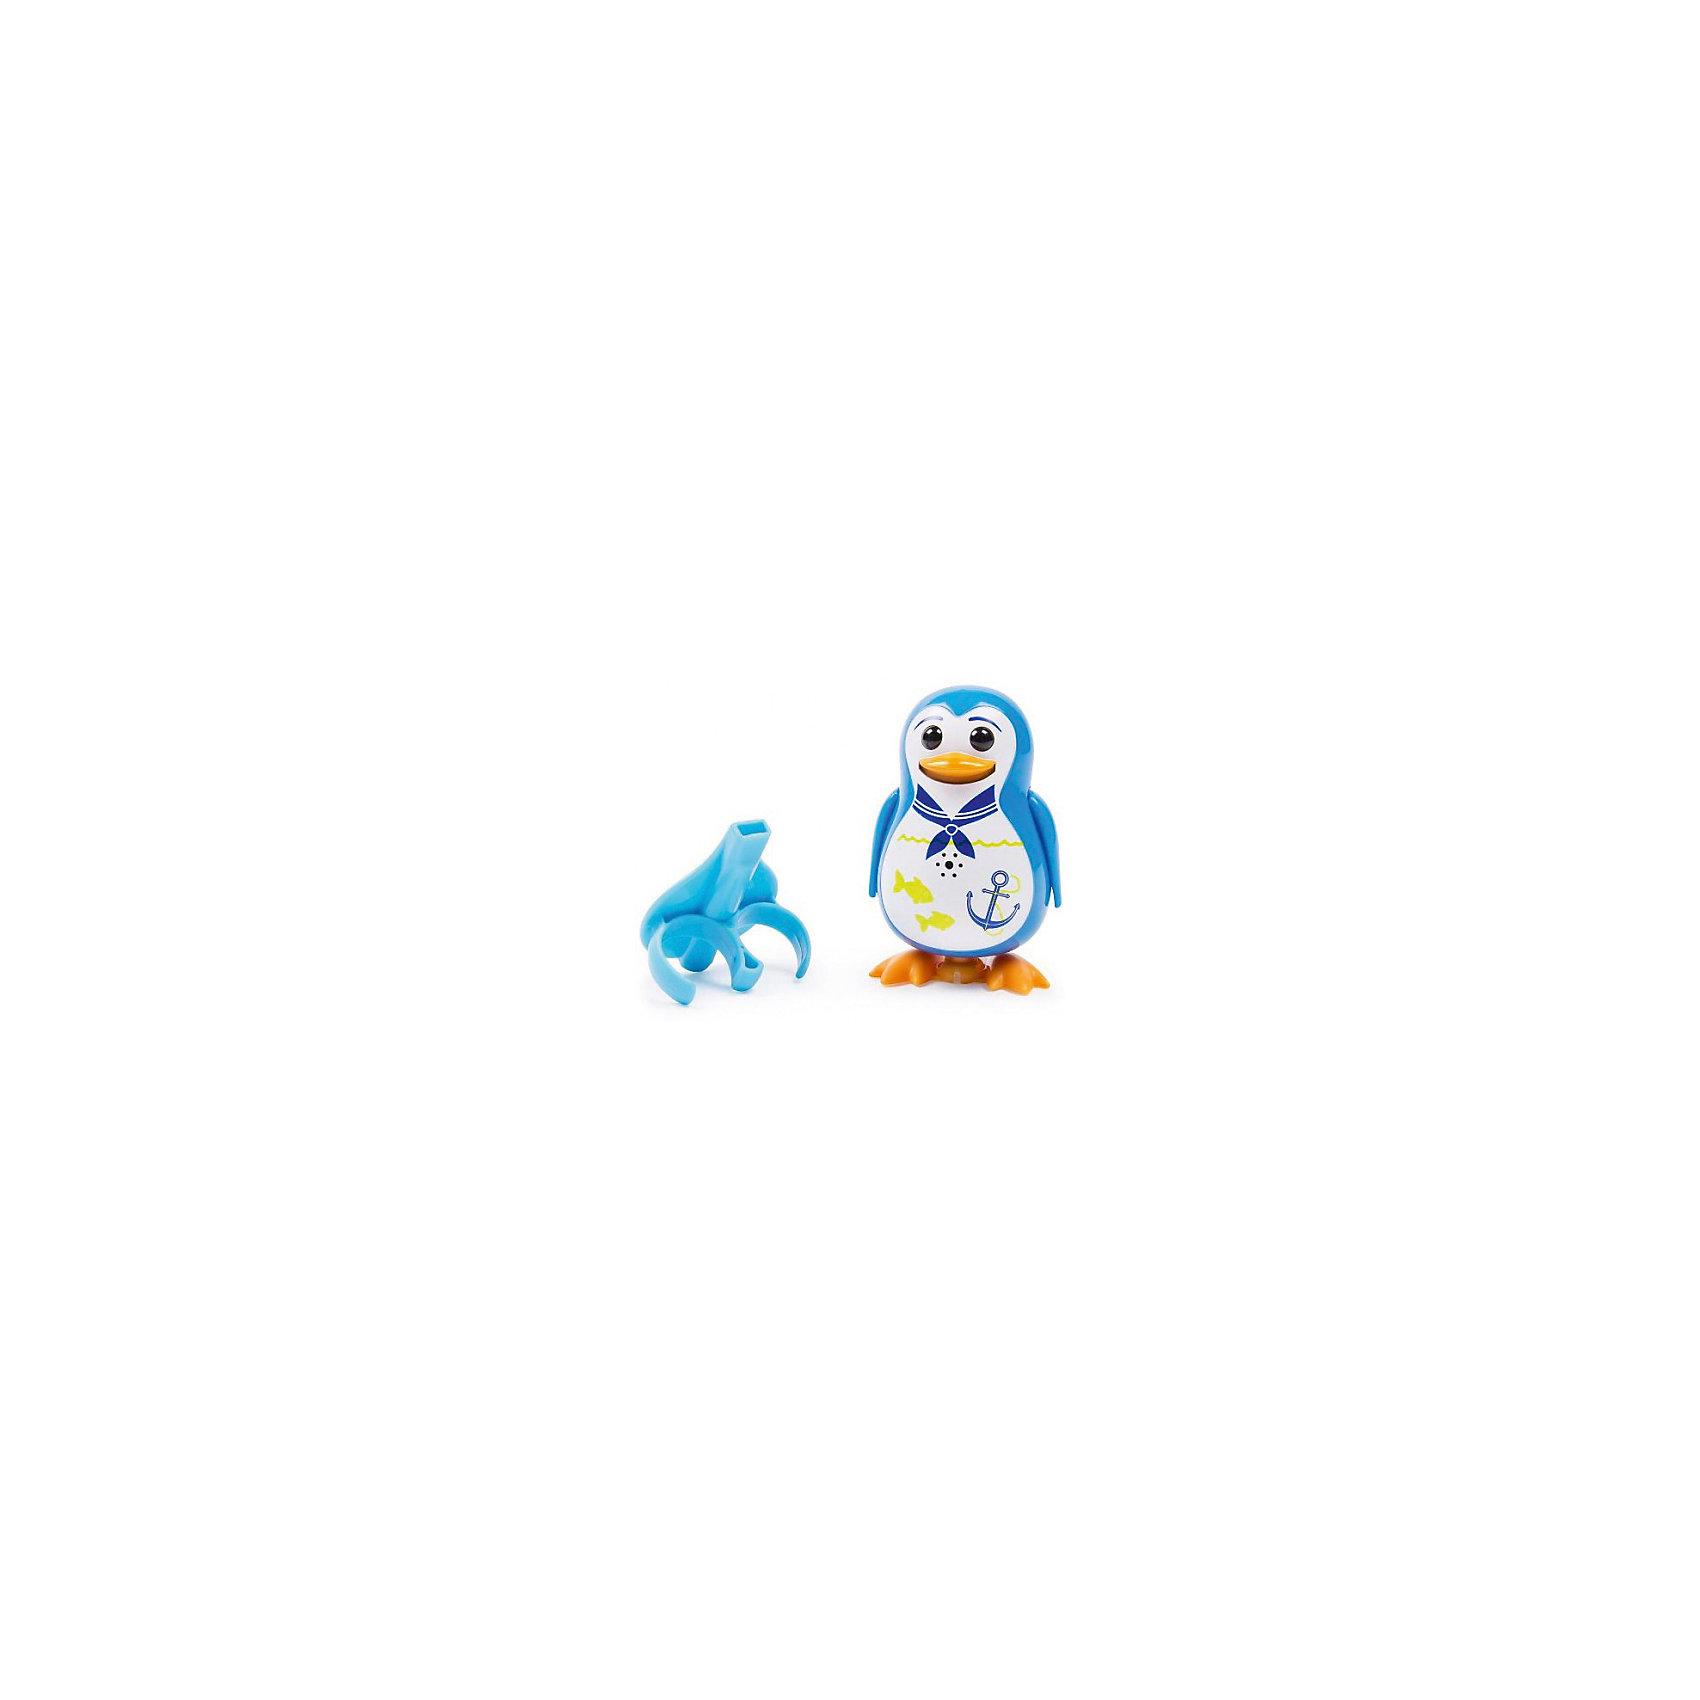 Silverlit Поющий пингвин с кольцом, синий, DigiBirds silverlit золотая птичка с кольцом